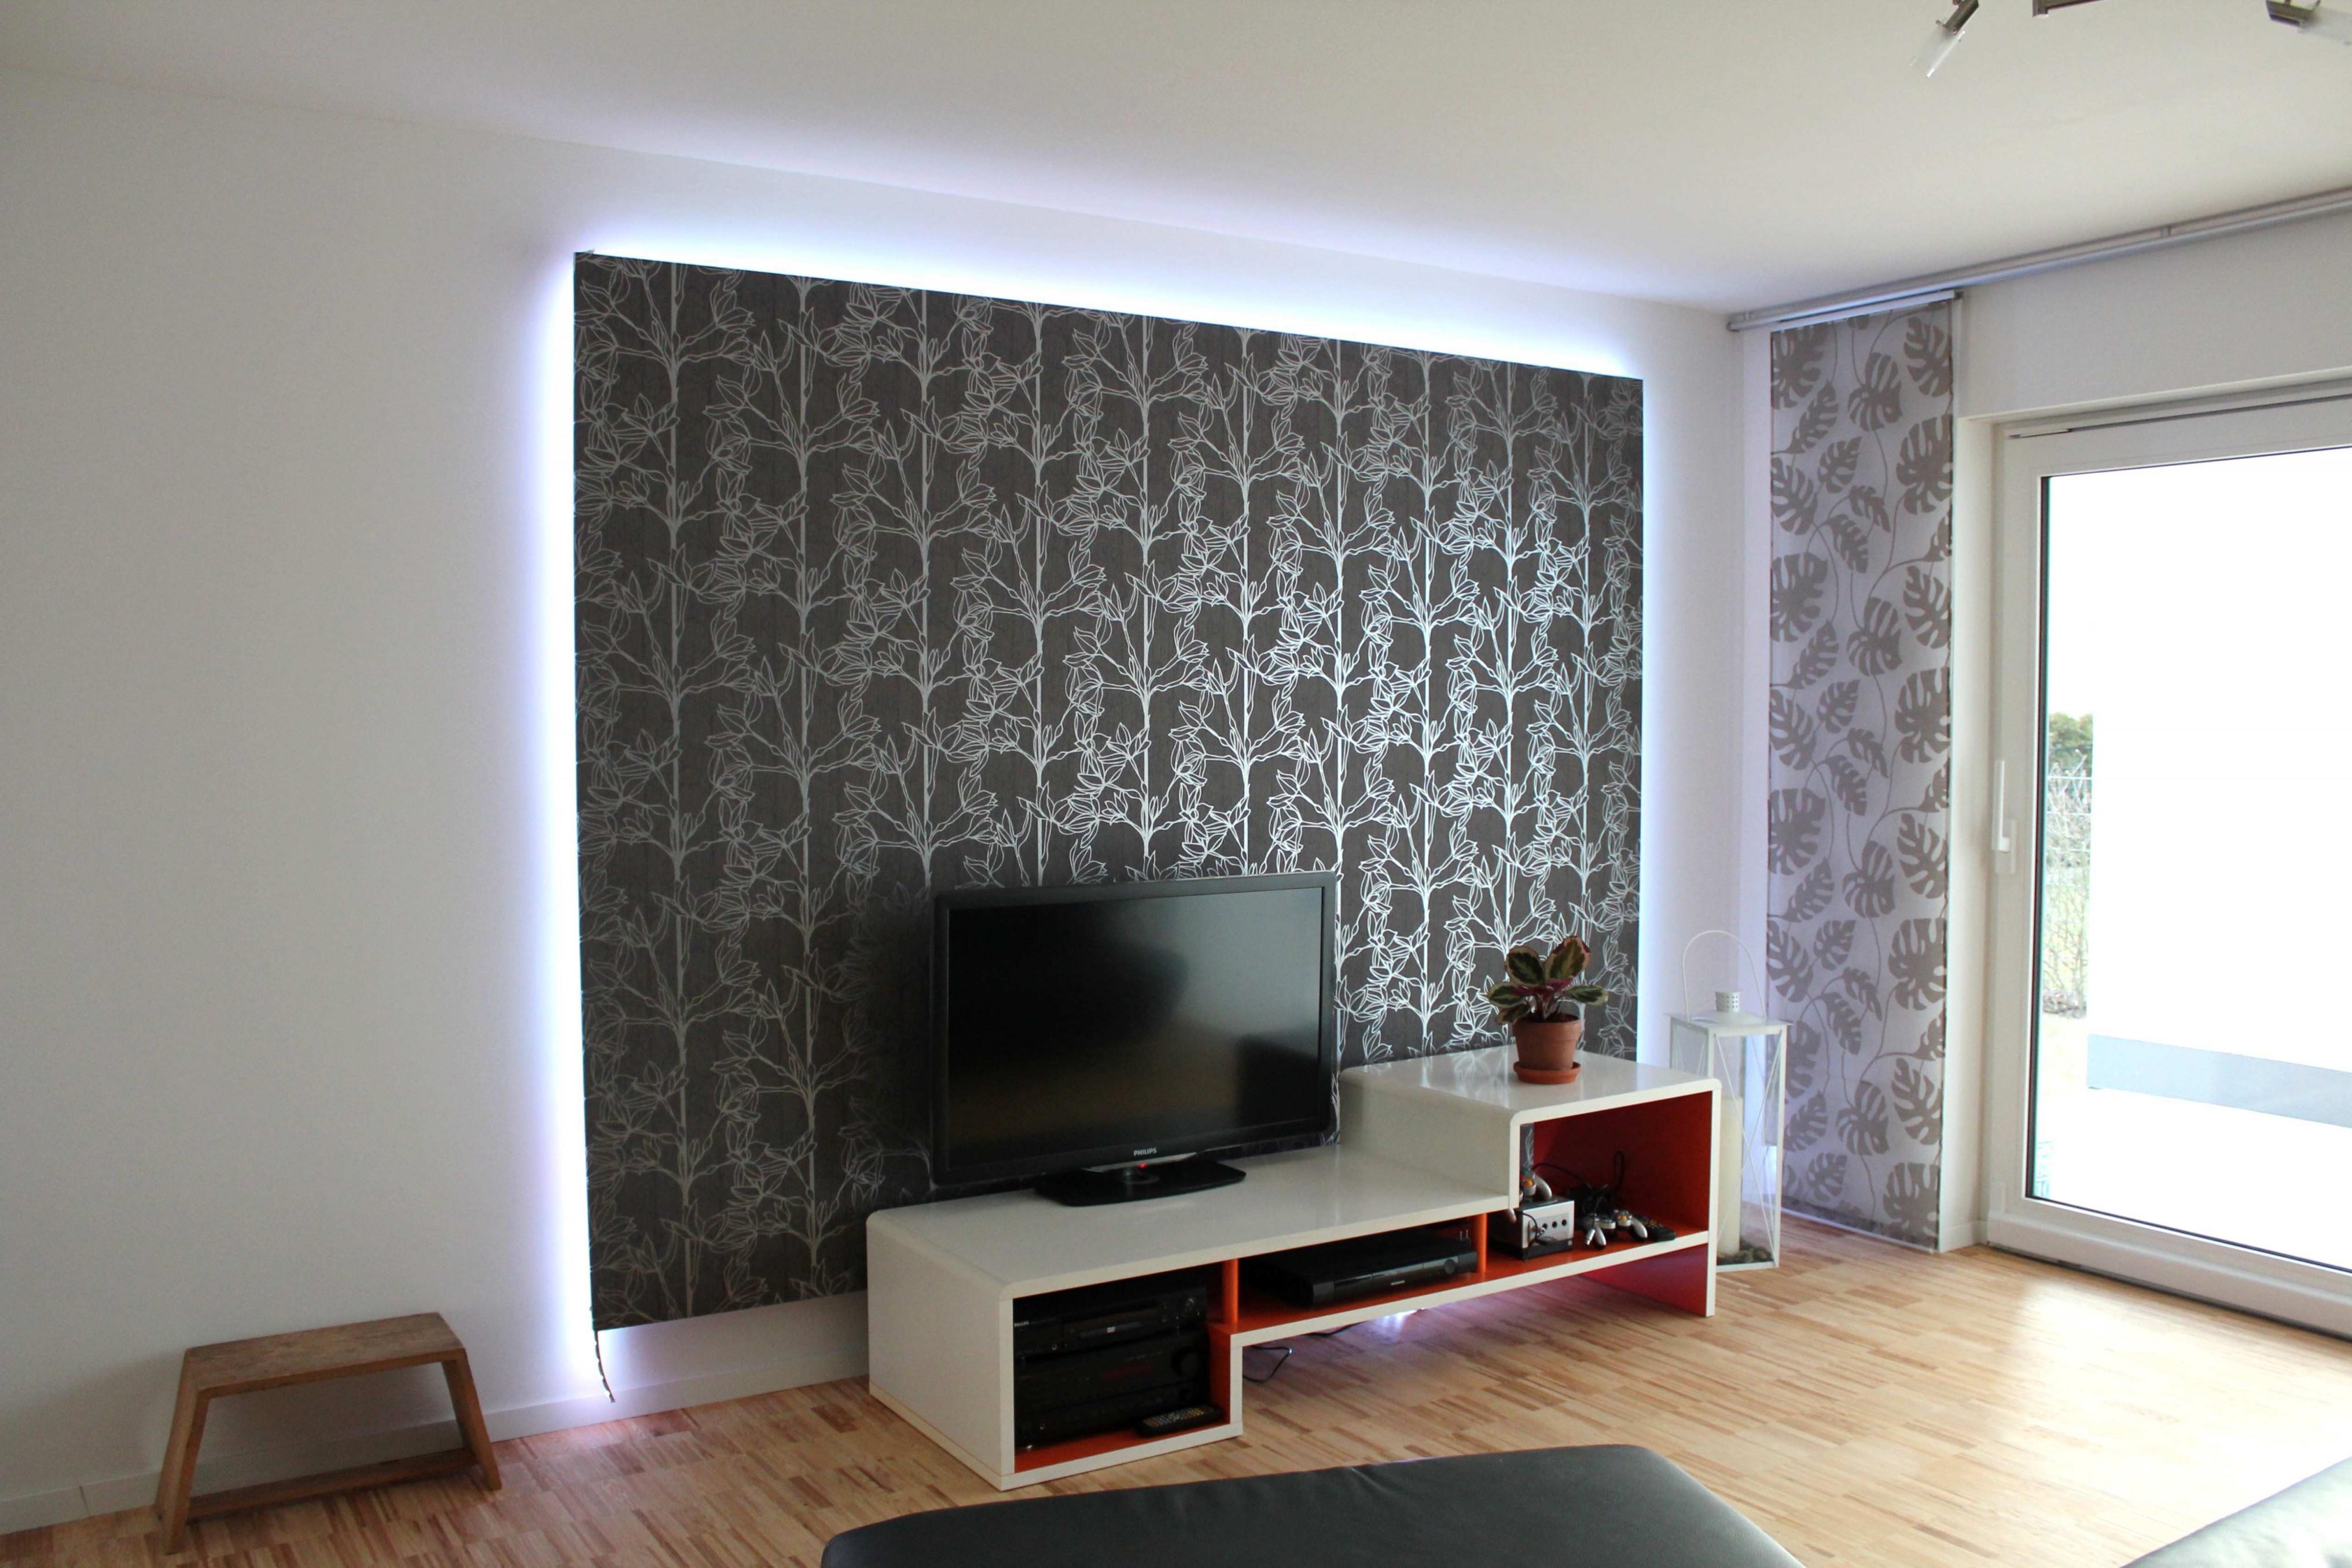 Deko Wand Wohnzimmer Elegant Wohnzimmer Wand Planen  Tolles von Deko Für Wand Wohnzimmer Photo